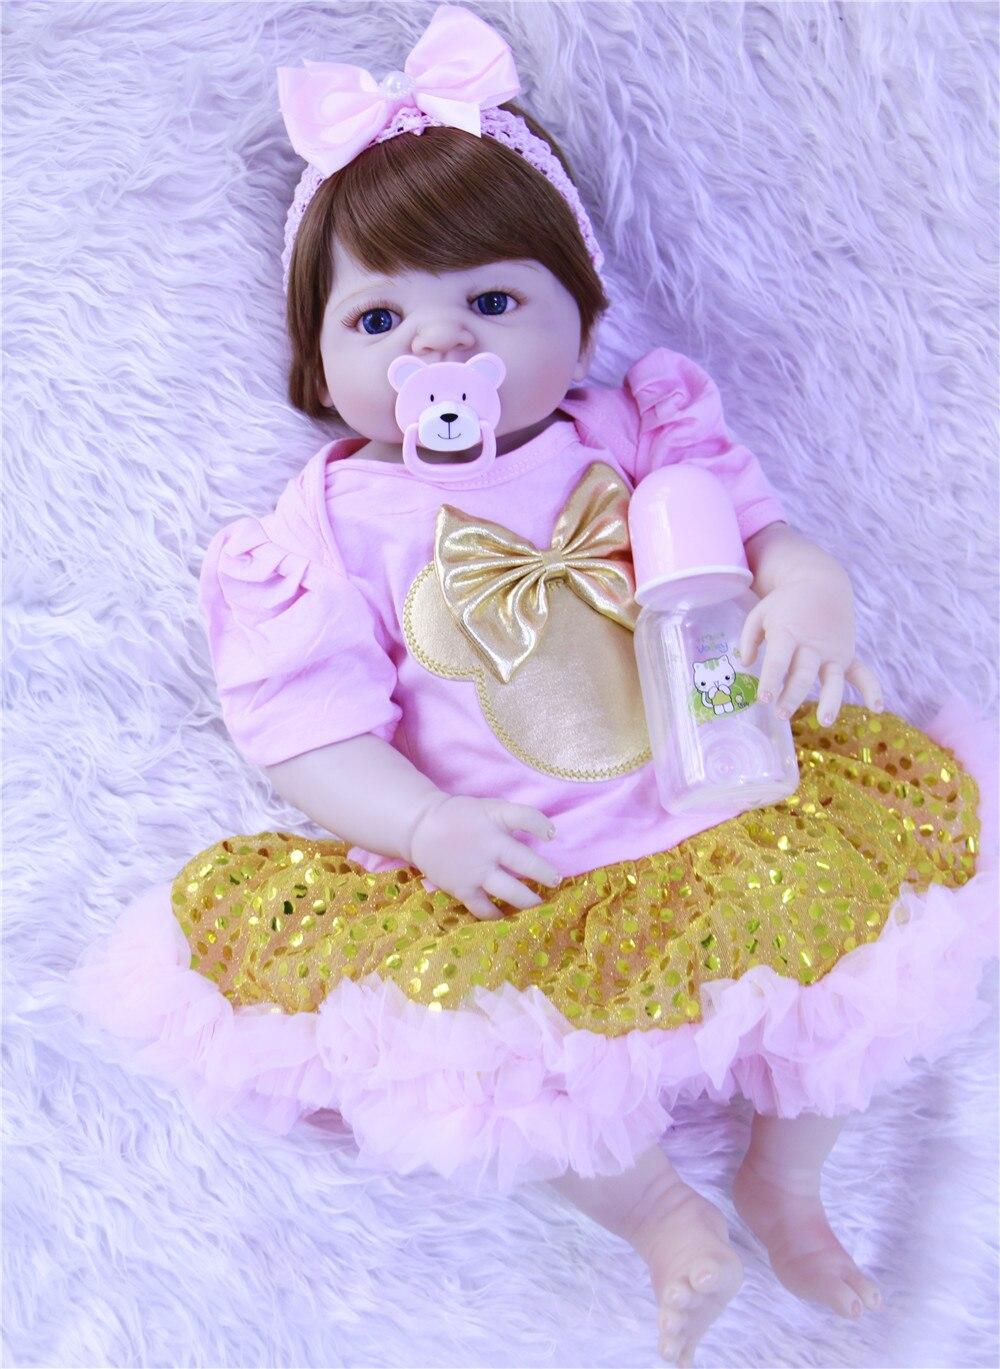 57 cm bebe reborn poupée silicone reborn reborn bébé poupées lol poupée brinquedos boneca reborn cadeau de noel pour filles dollmai - 6